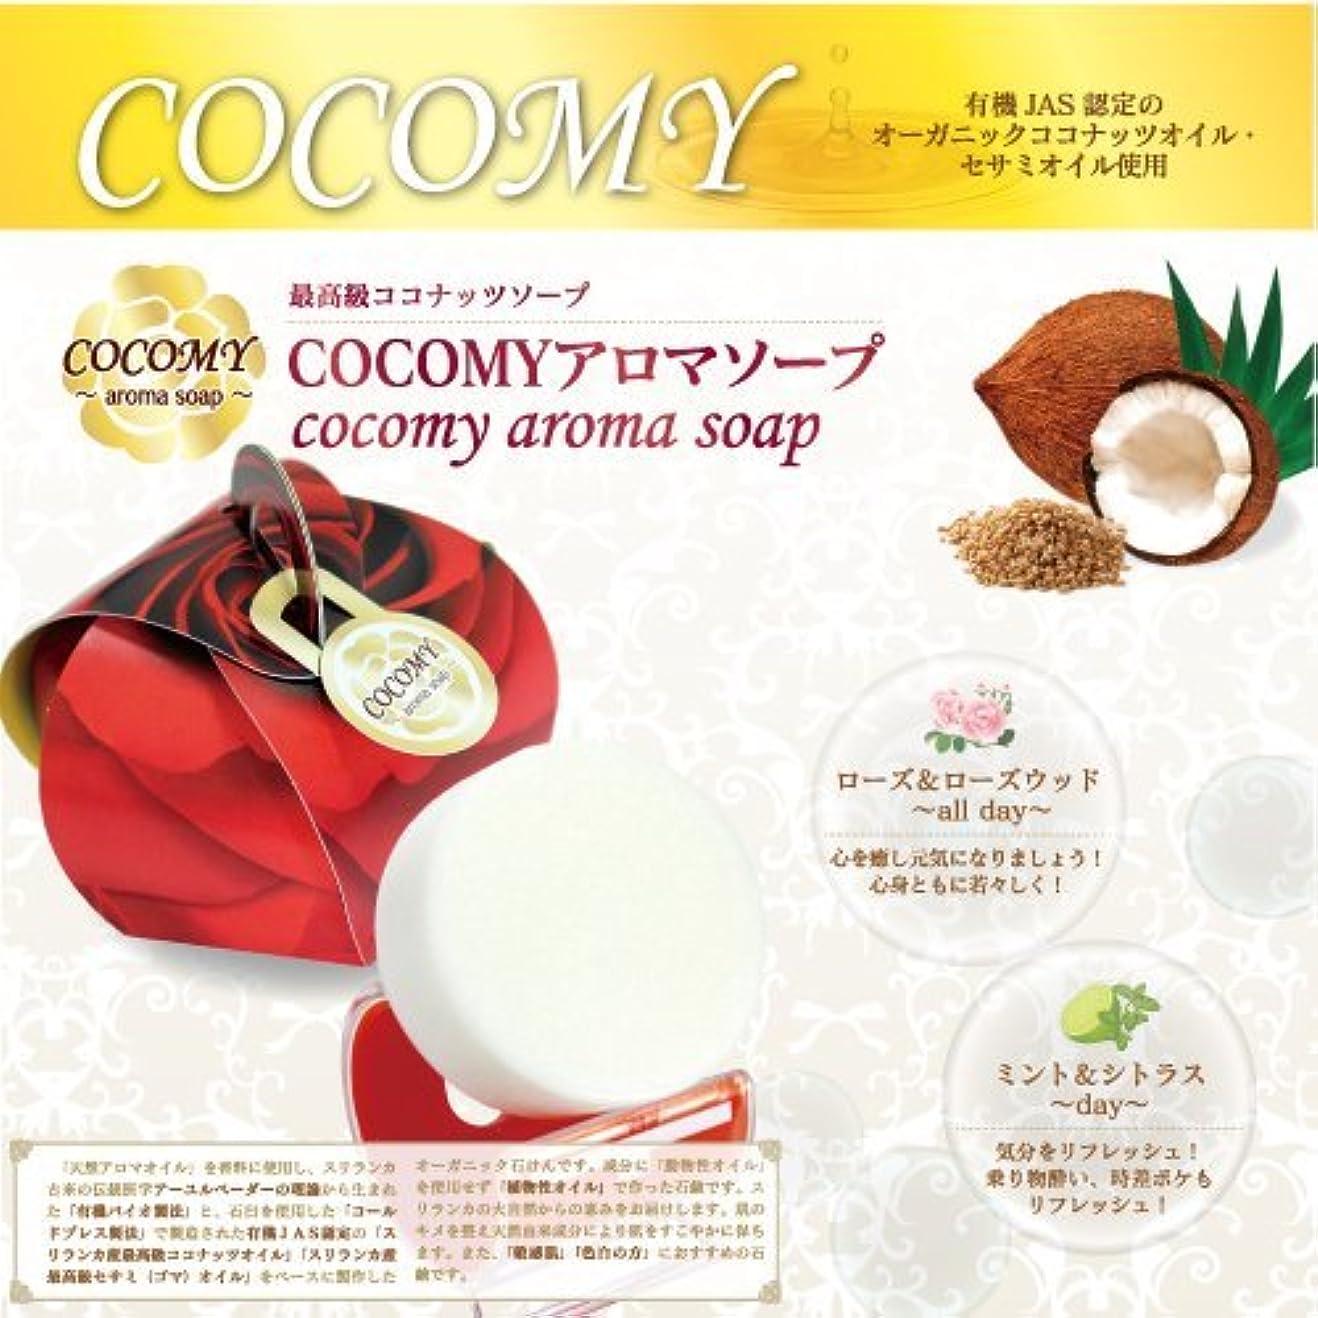 飽和する絶滅させる櫛COCOMY aromaソープ 2個セット (ミント&シトラス)(ローズ&ローズウッド) 40g×各1